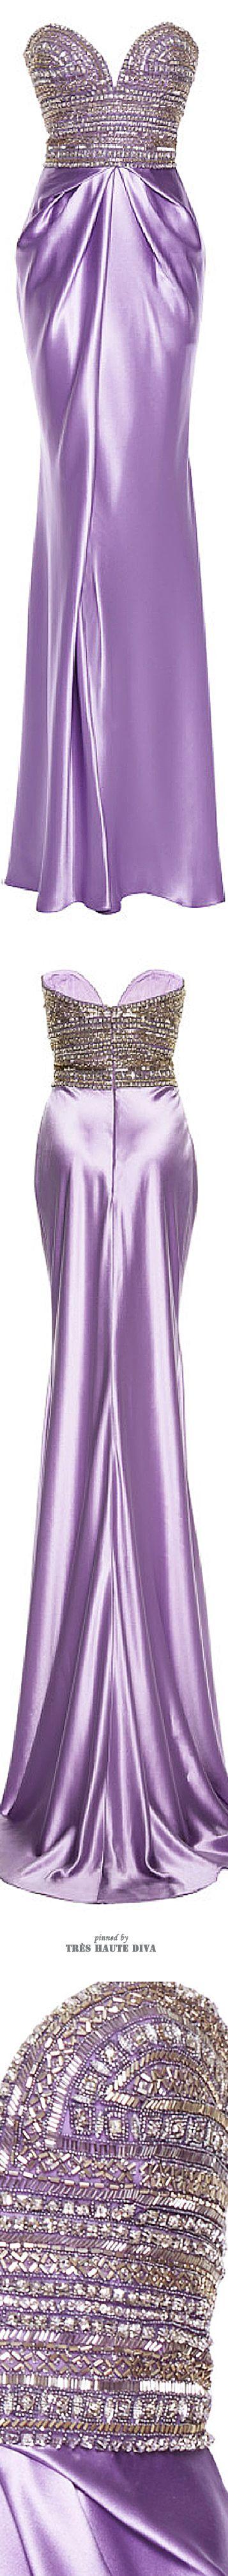 Naeem Khan Purple Satin Bustier Gown ♔ SS 2015